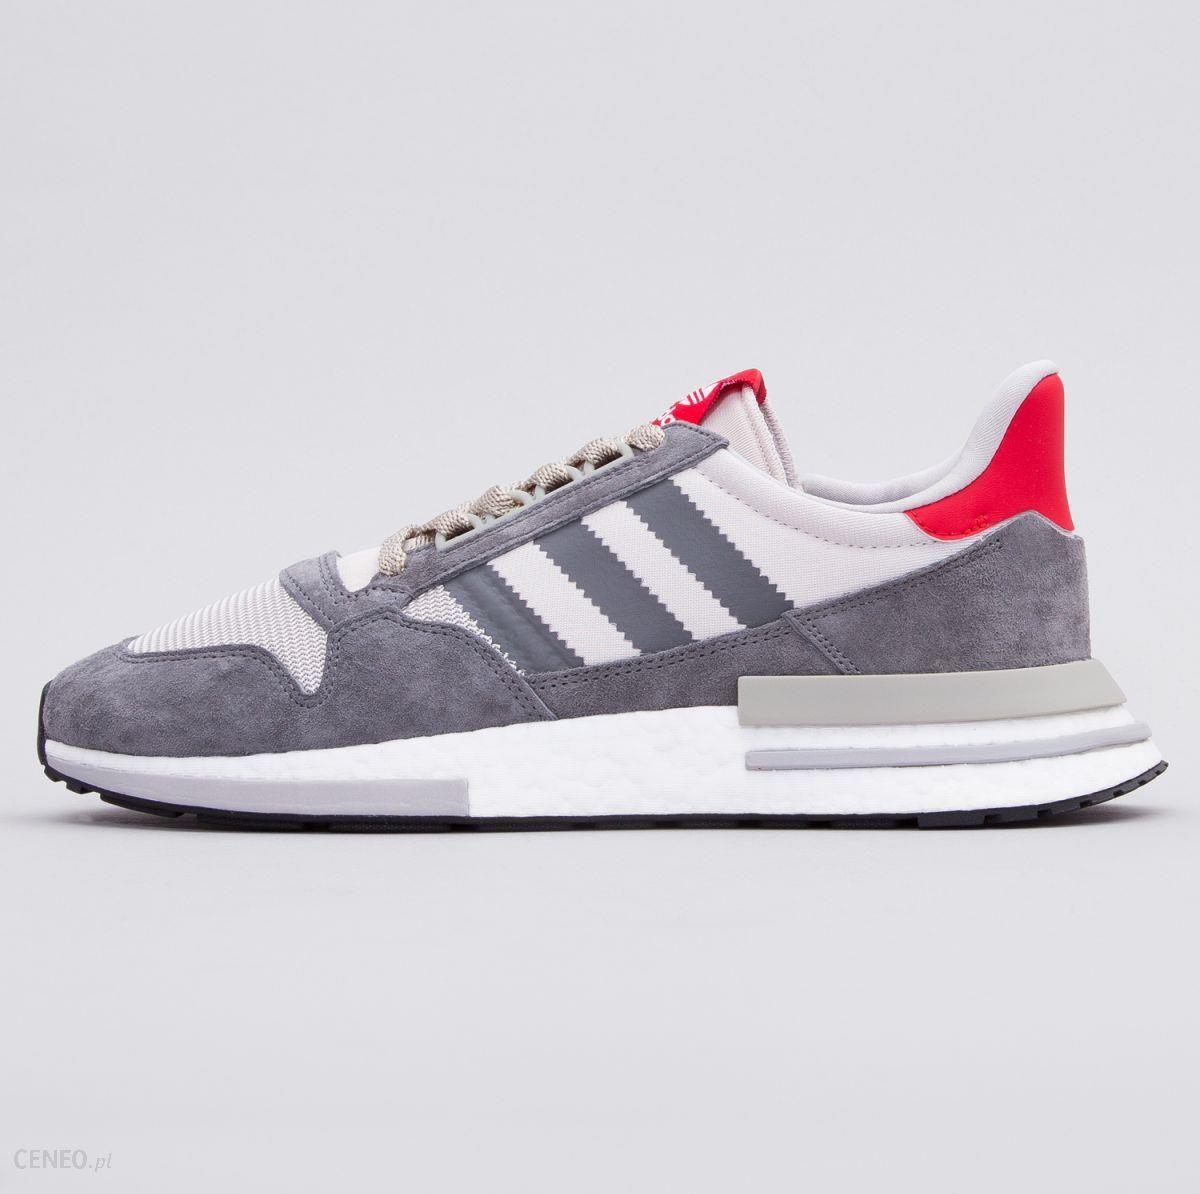 Adidas ZX 500 RM B42204 Ceny i opinie Ceneo.pl